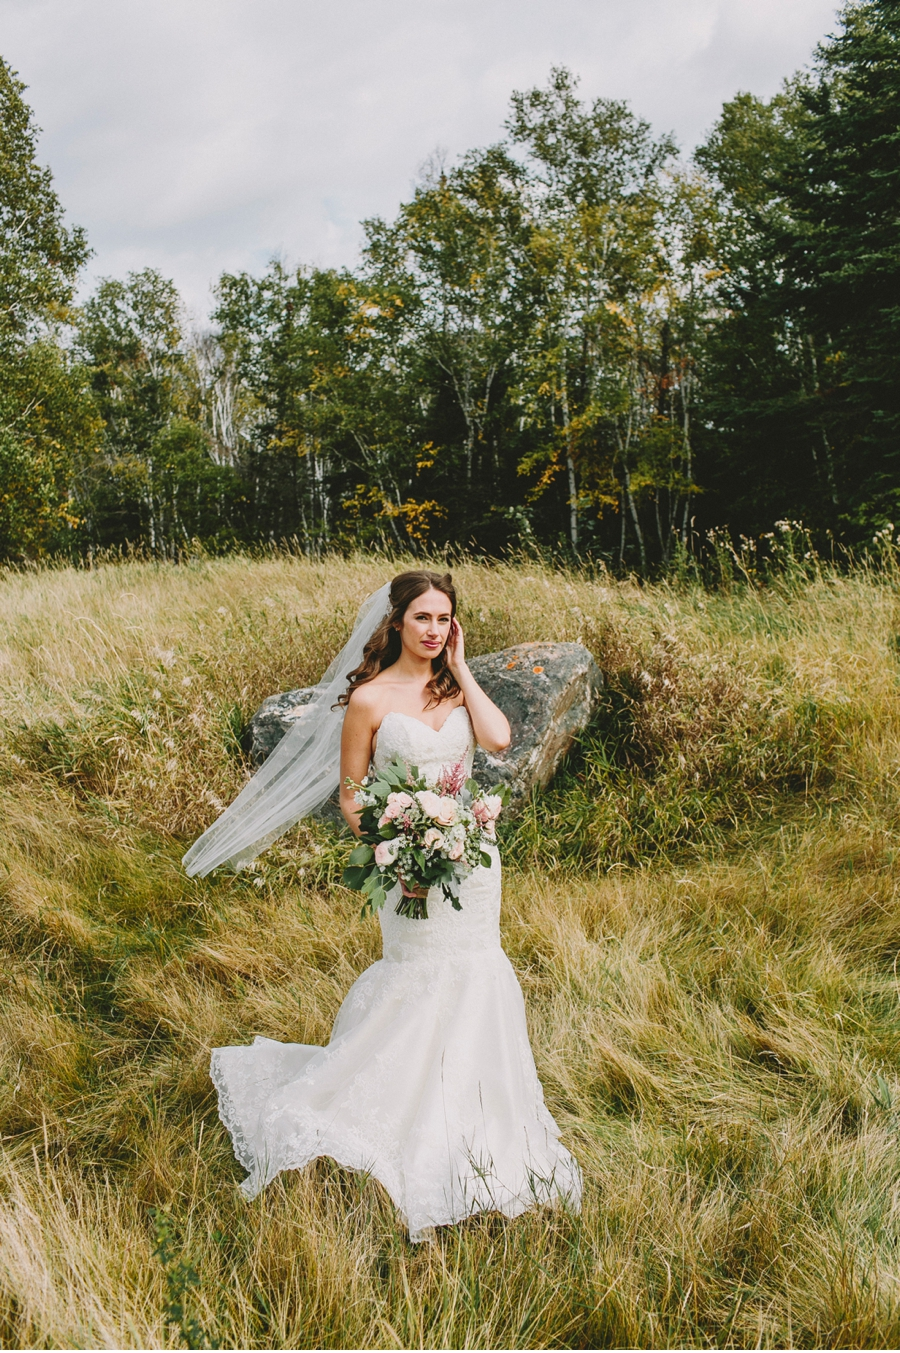 Windswept-Bride-in-a-Field